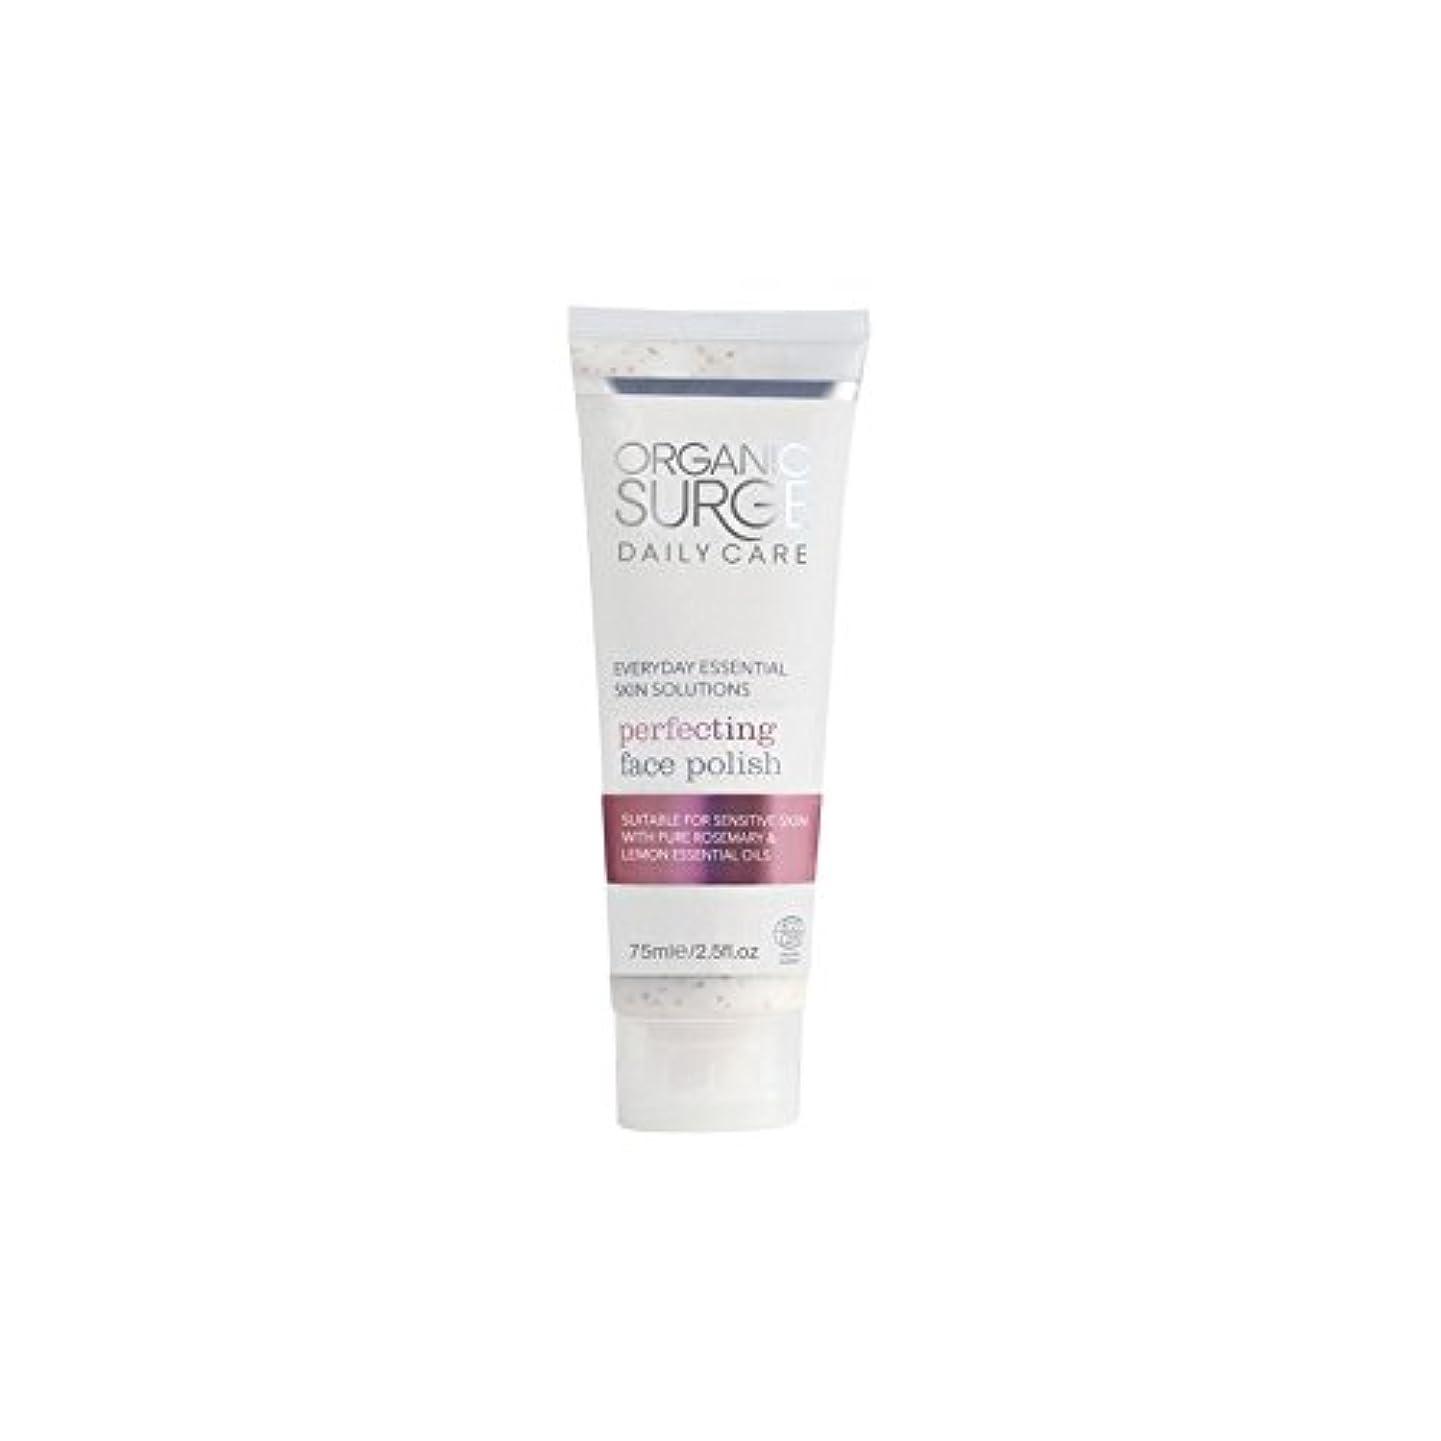 研磨剤交差点バルブ面研磨を完成有機サージ毎日のケア(75ミリリットル) x2 - Organic Surge Daily Care Perfecting Face Polish (75ml) (Pack of 2) [並行輸入品]